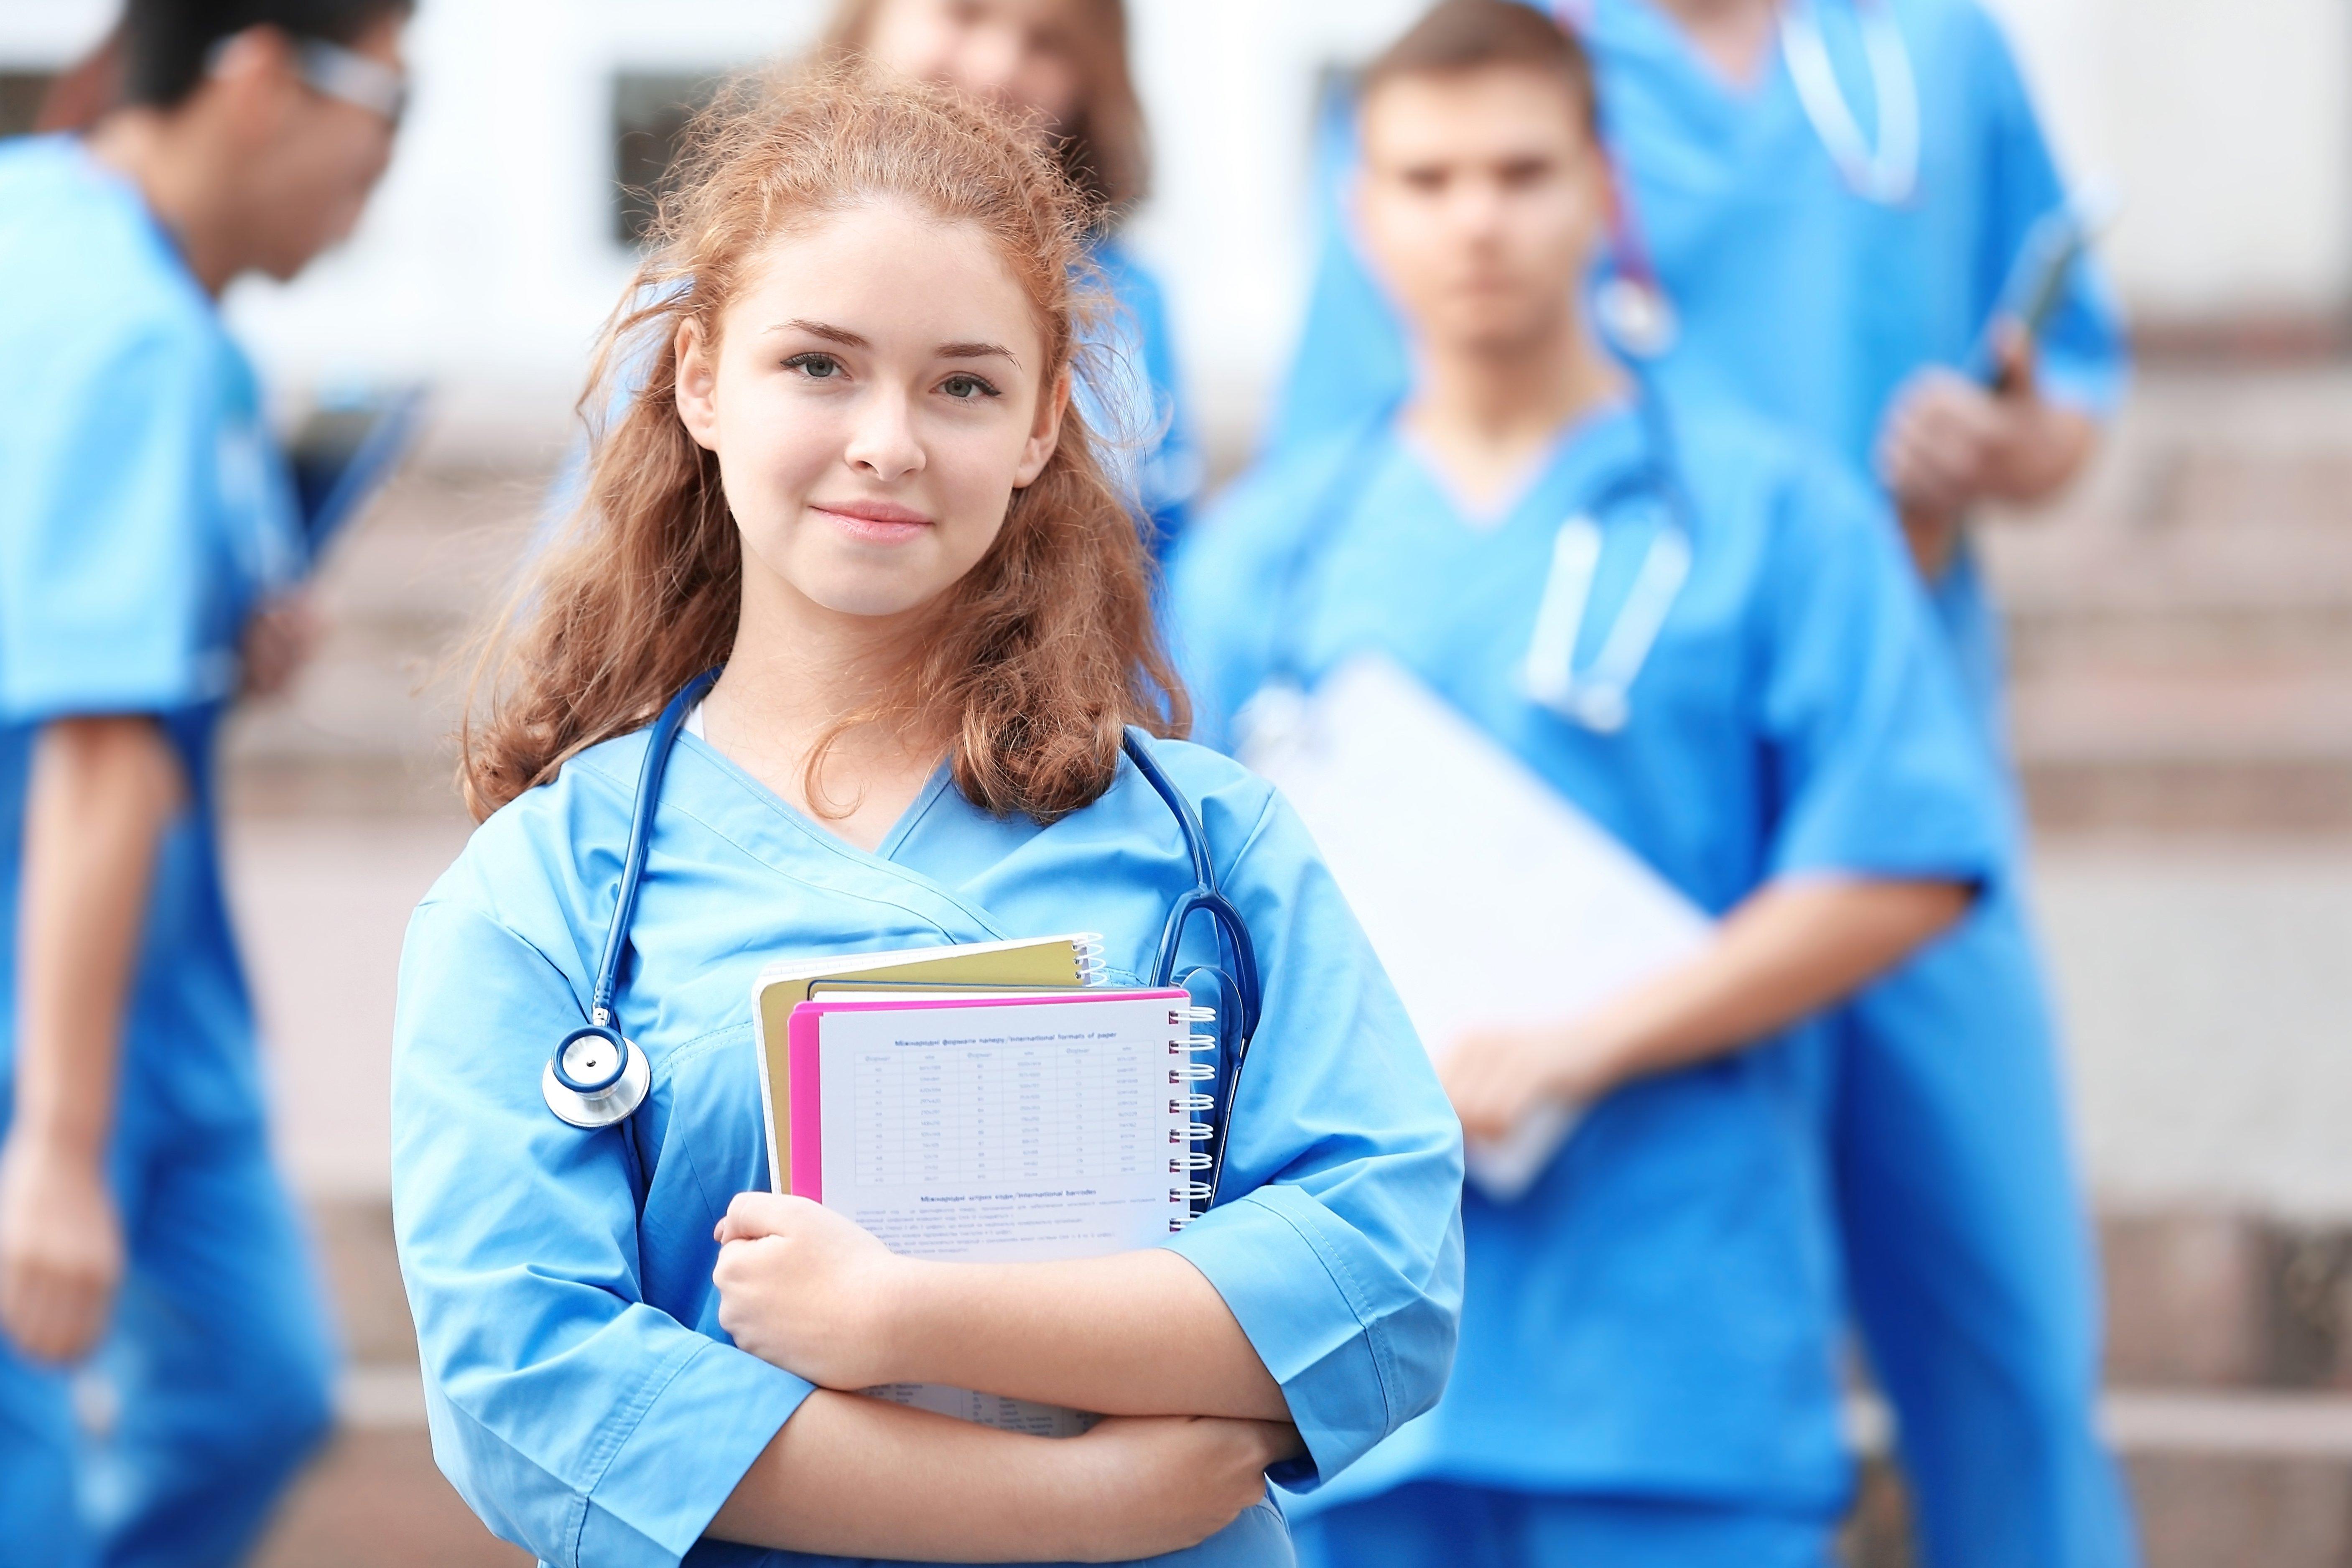 nurse self-care